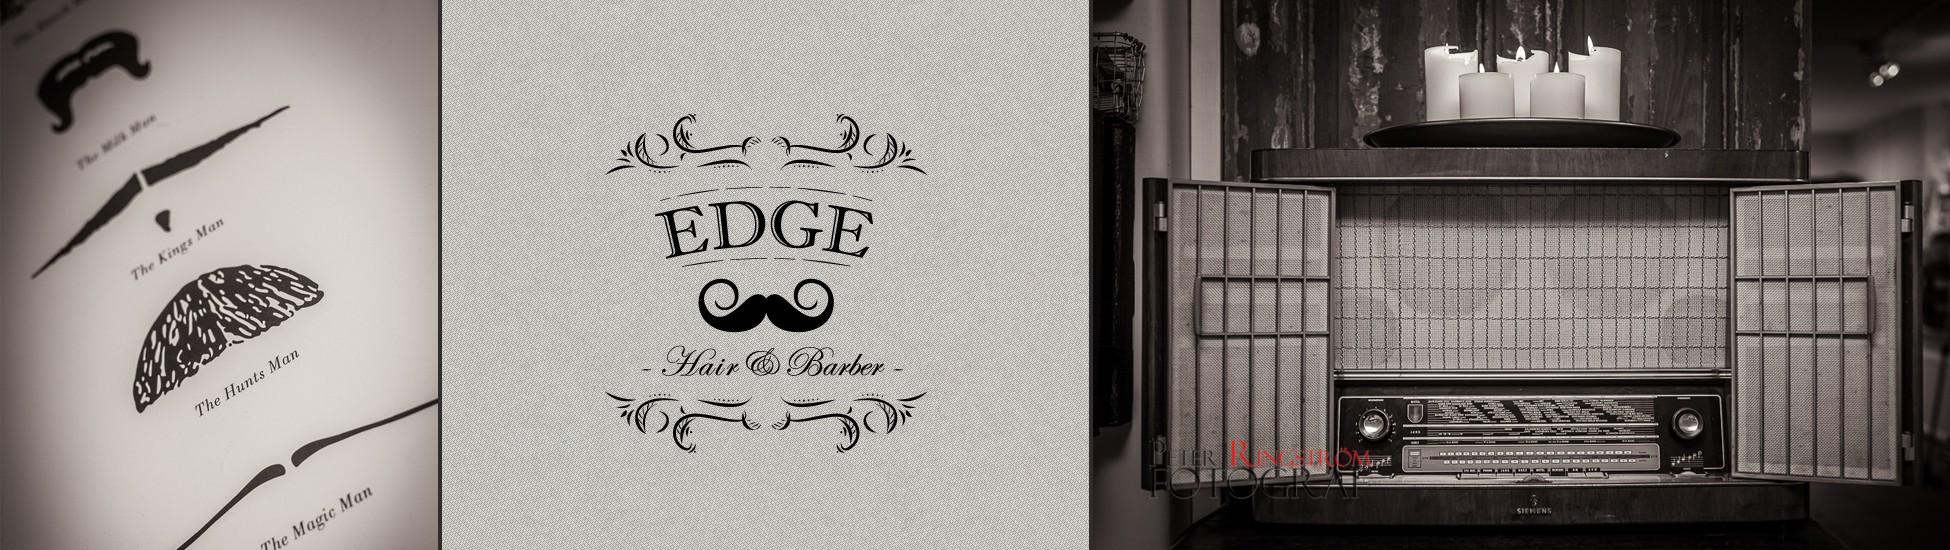 bildspel_edge-3